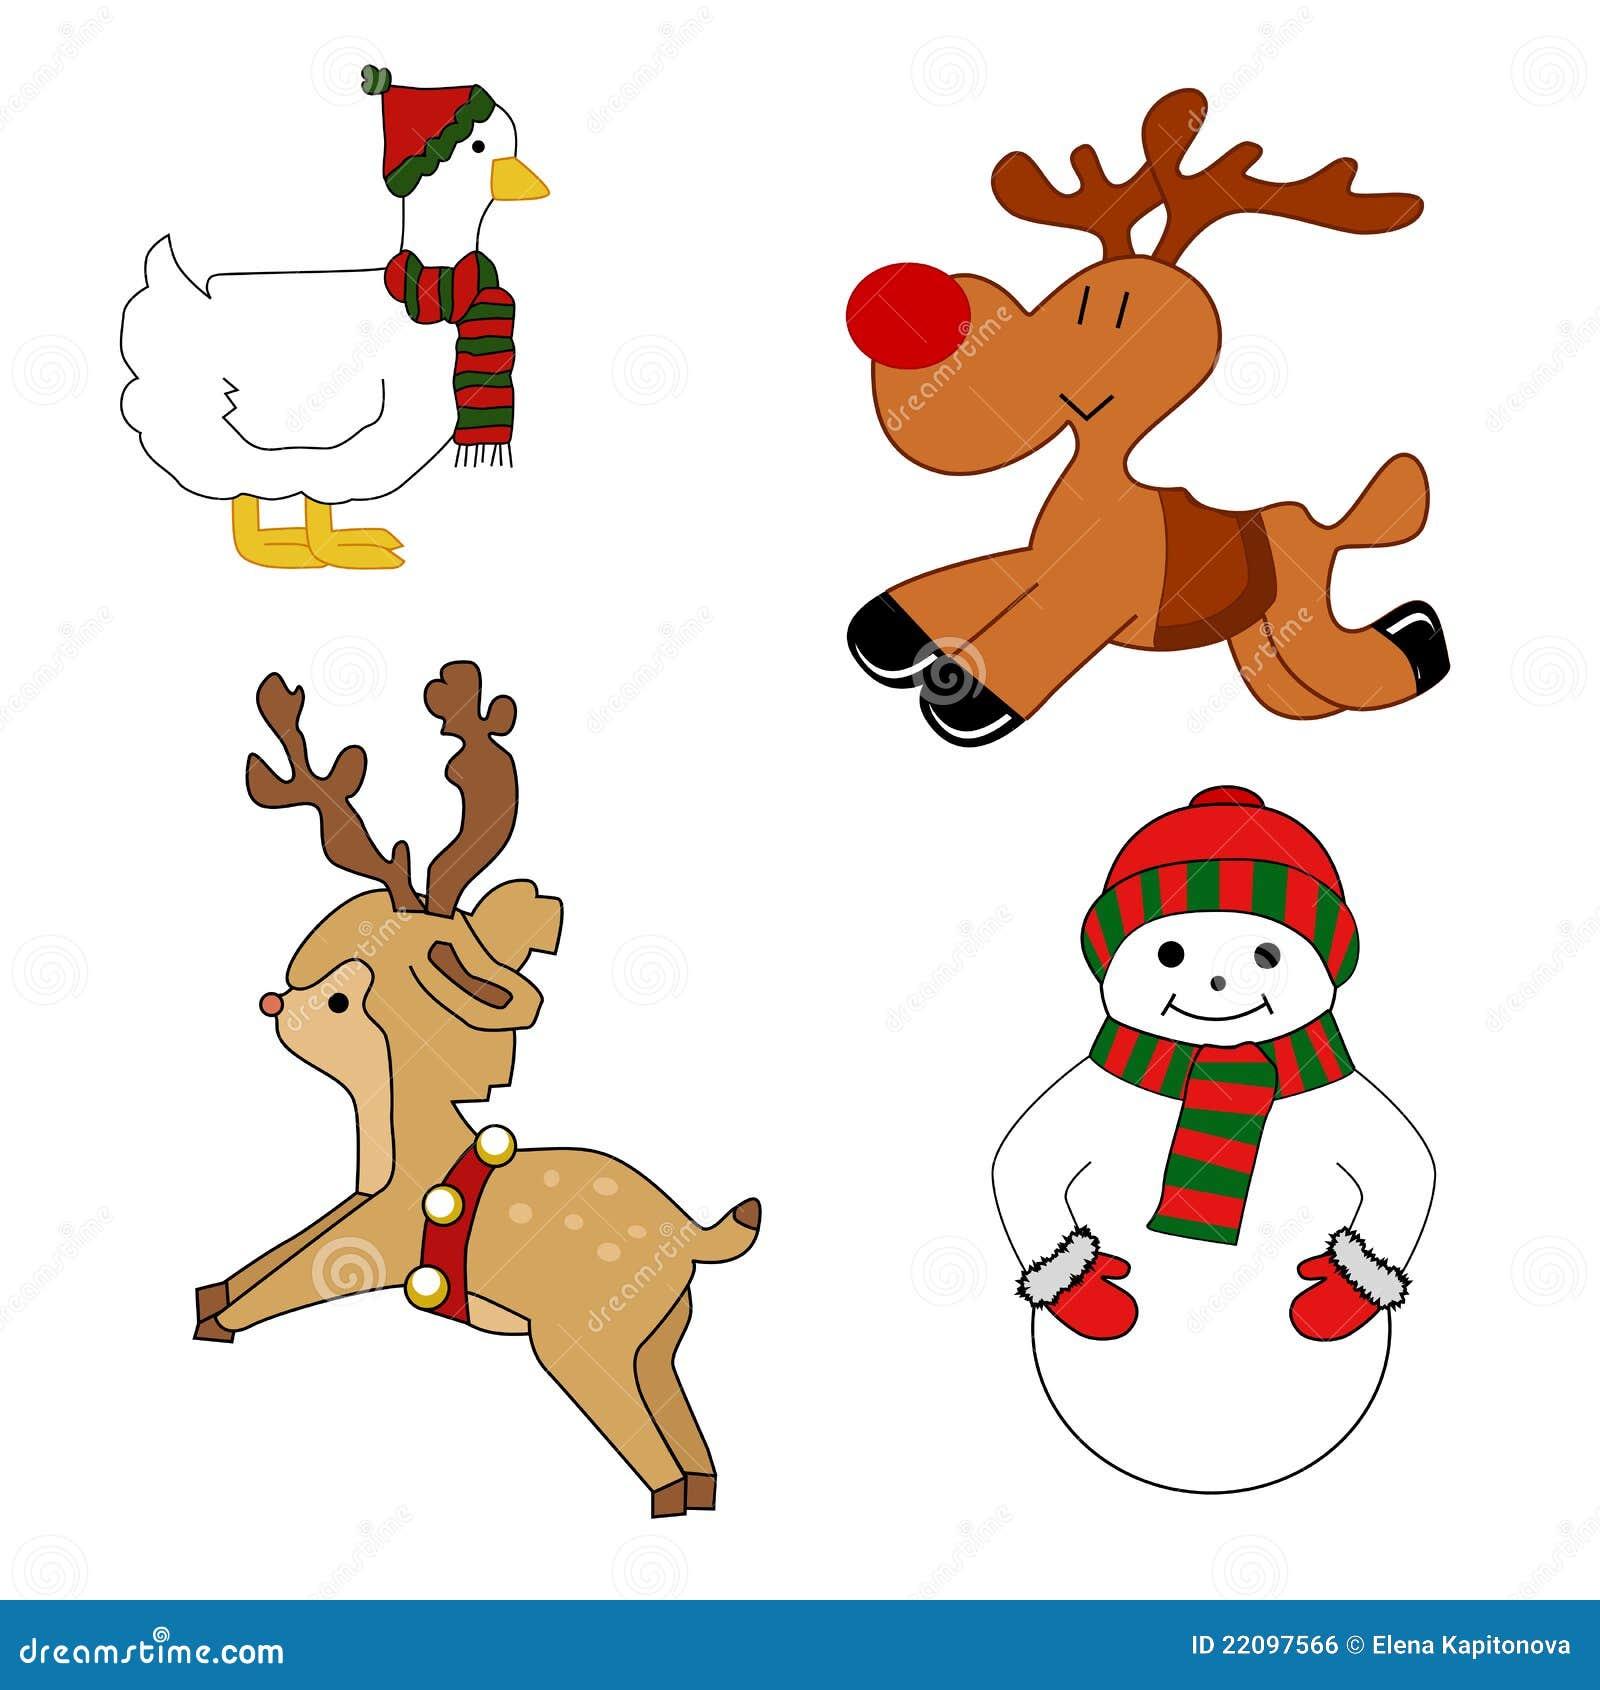 weihnachtstiere-22097566.jpg